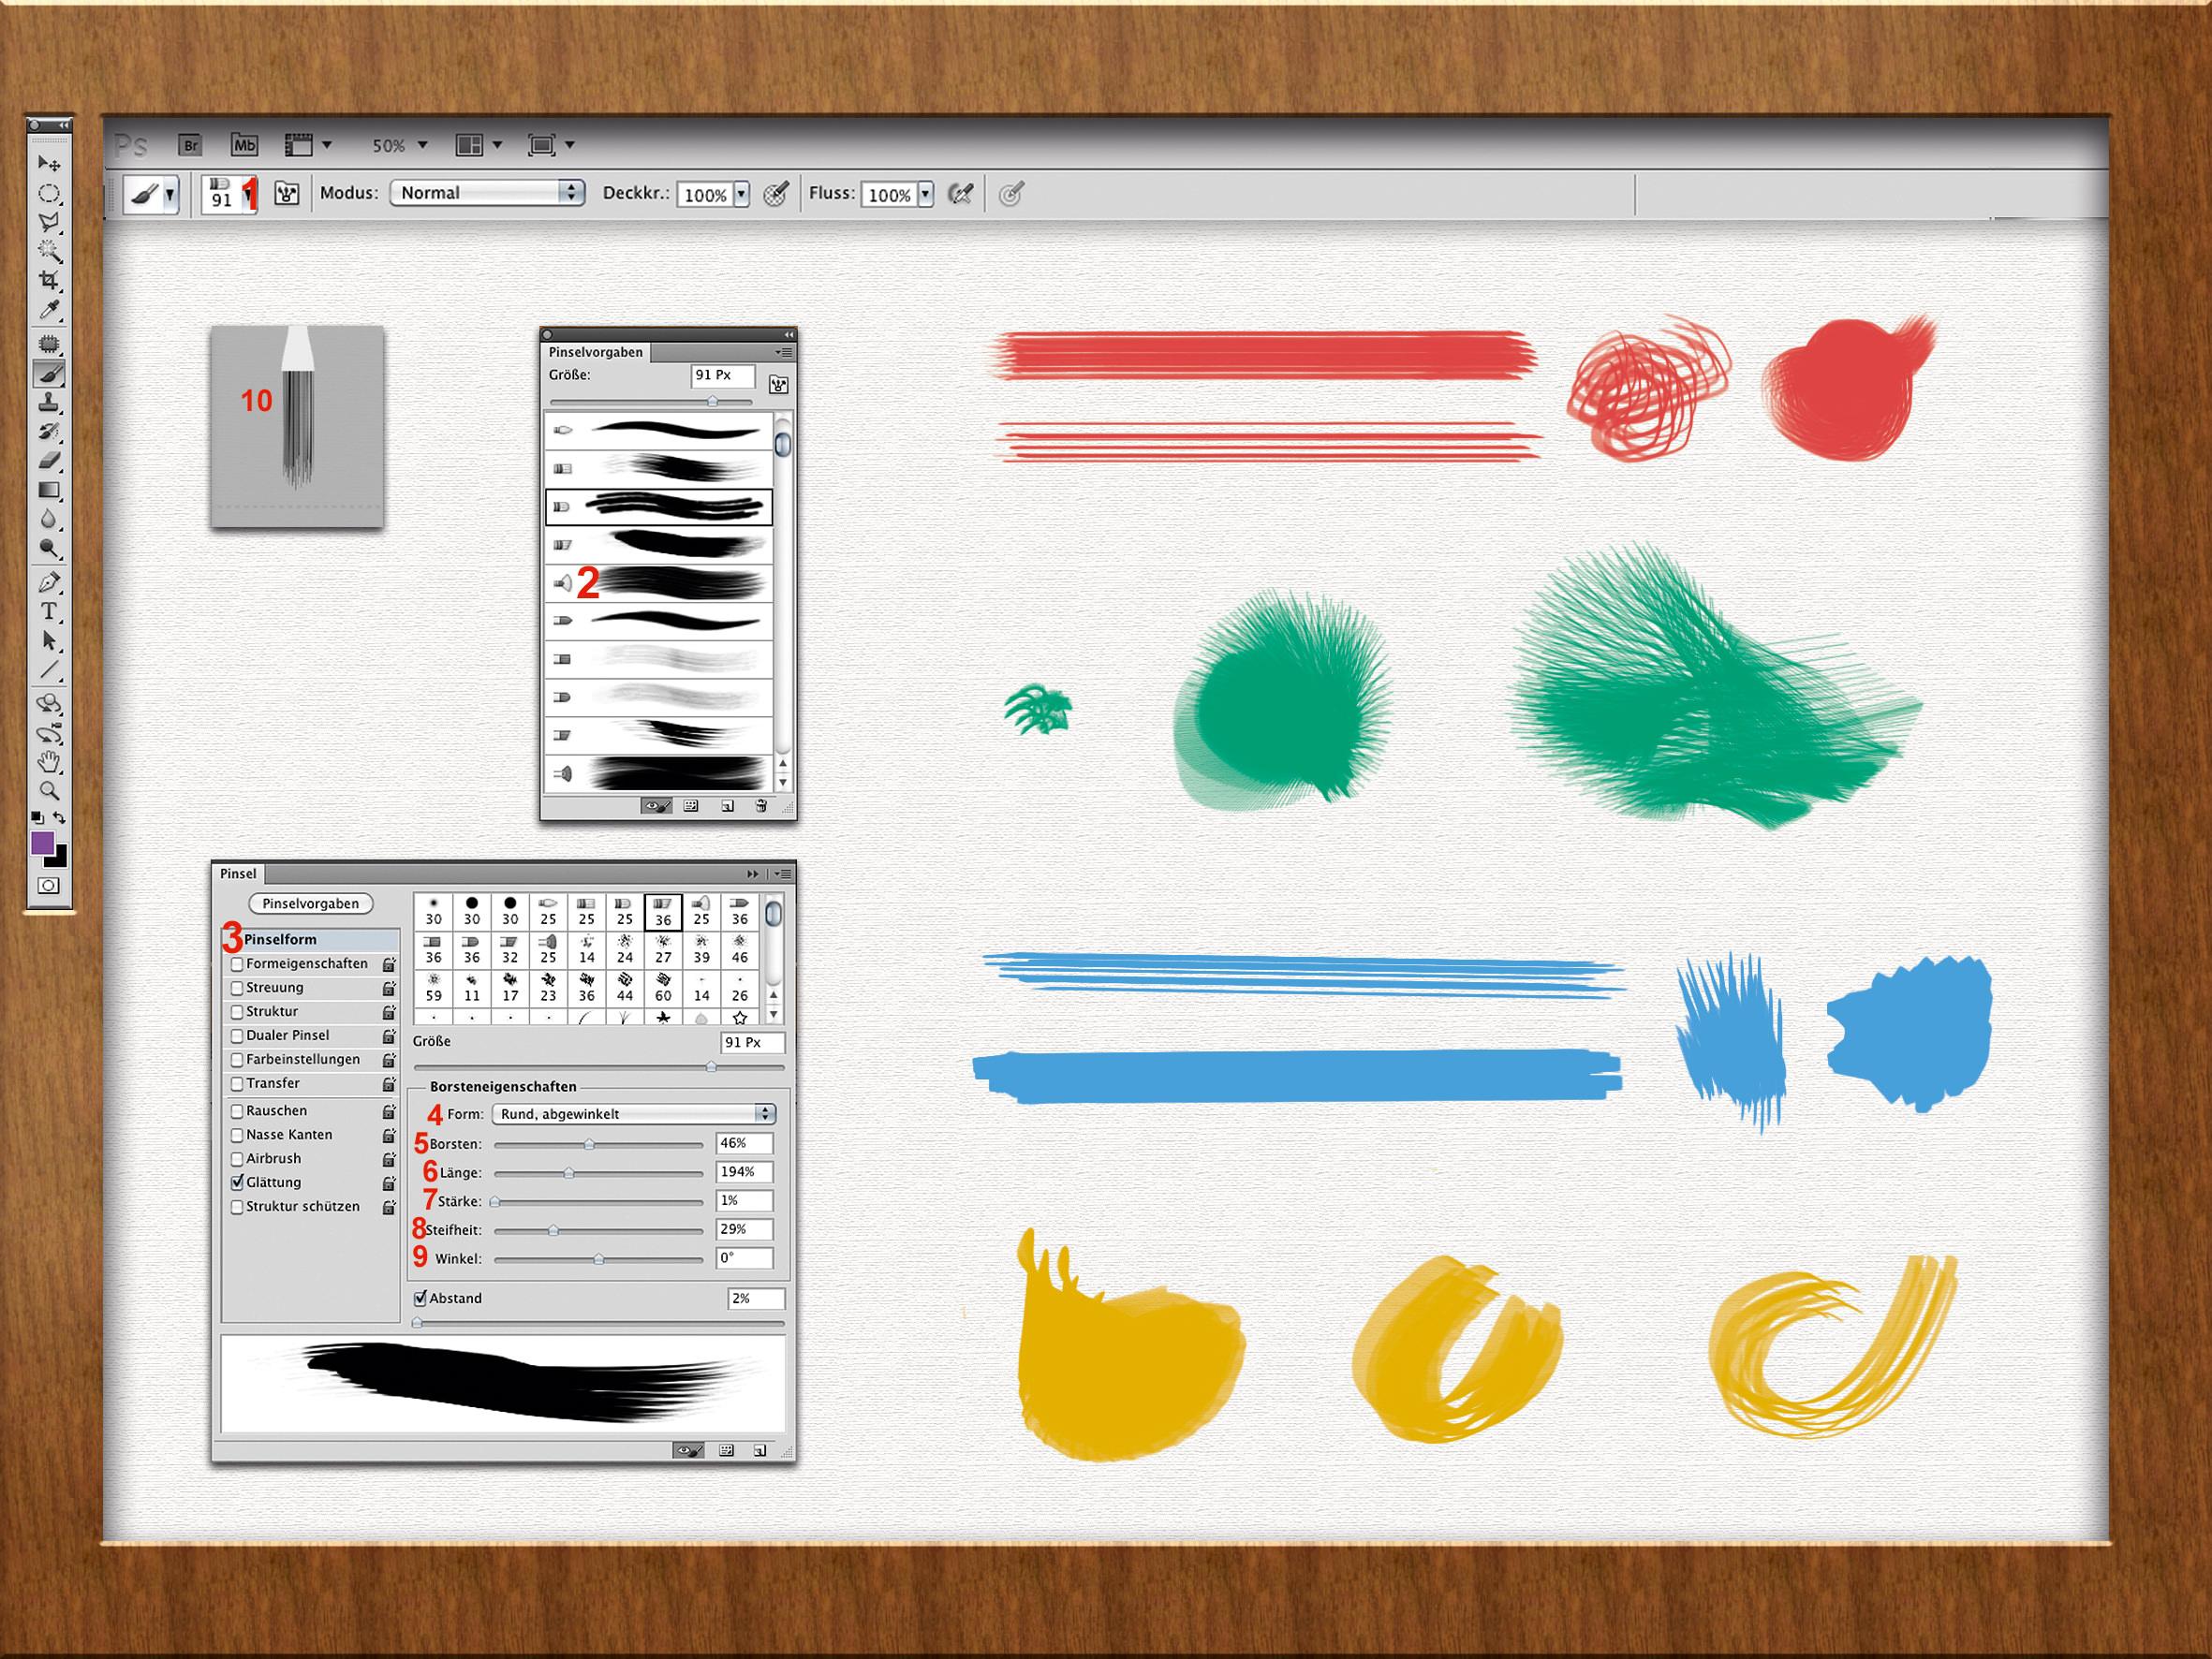 Verschiedene Duktus des Borstenpinsel und Screenshot der Pinselmenüs